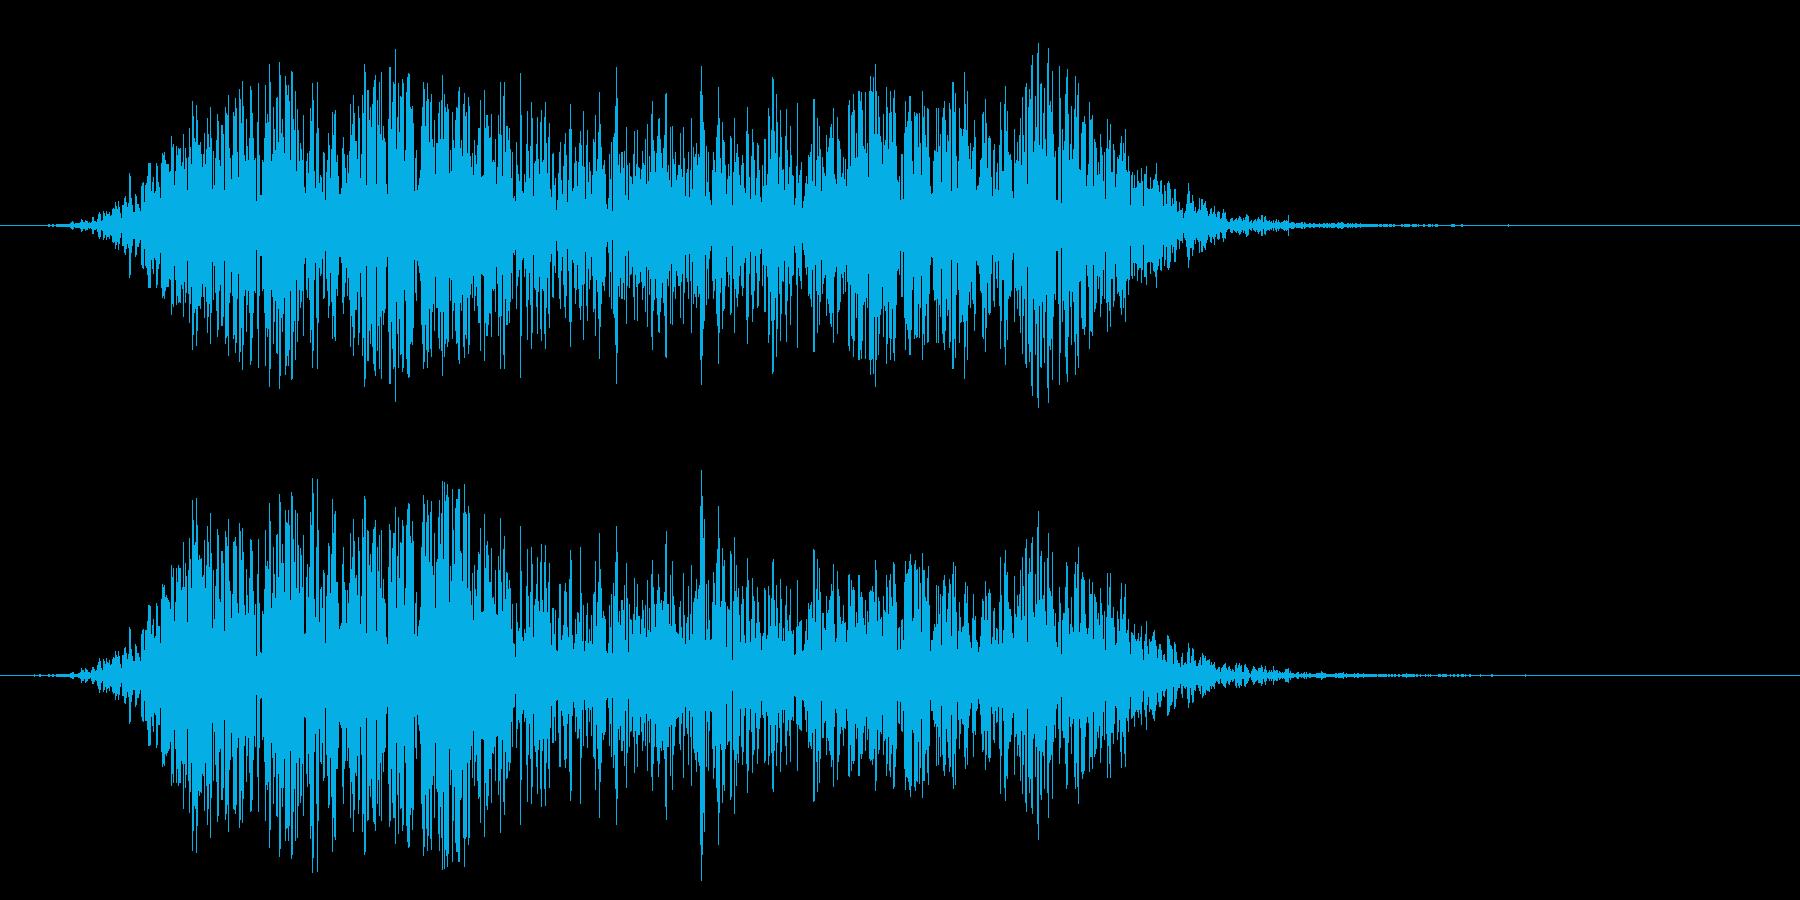 崖崩れ 倒壊 地震 地響 災害 飛行機の再生済みの波形